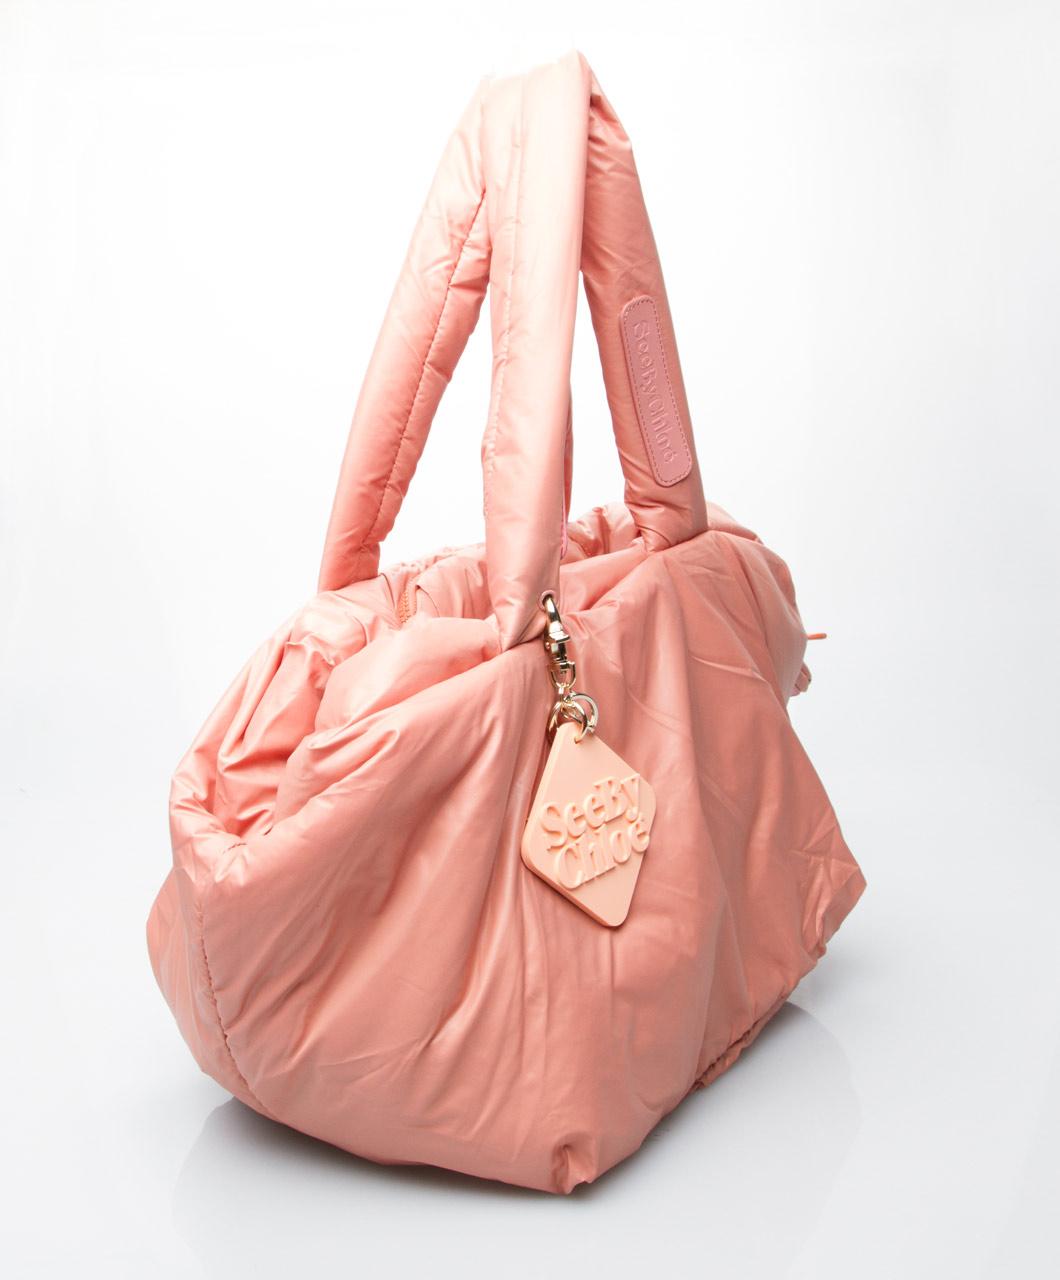 chloe bag replica - See by Chlo�� Joy Rider Bag - Nougat - See by Chlo��